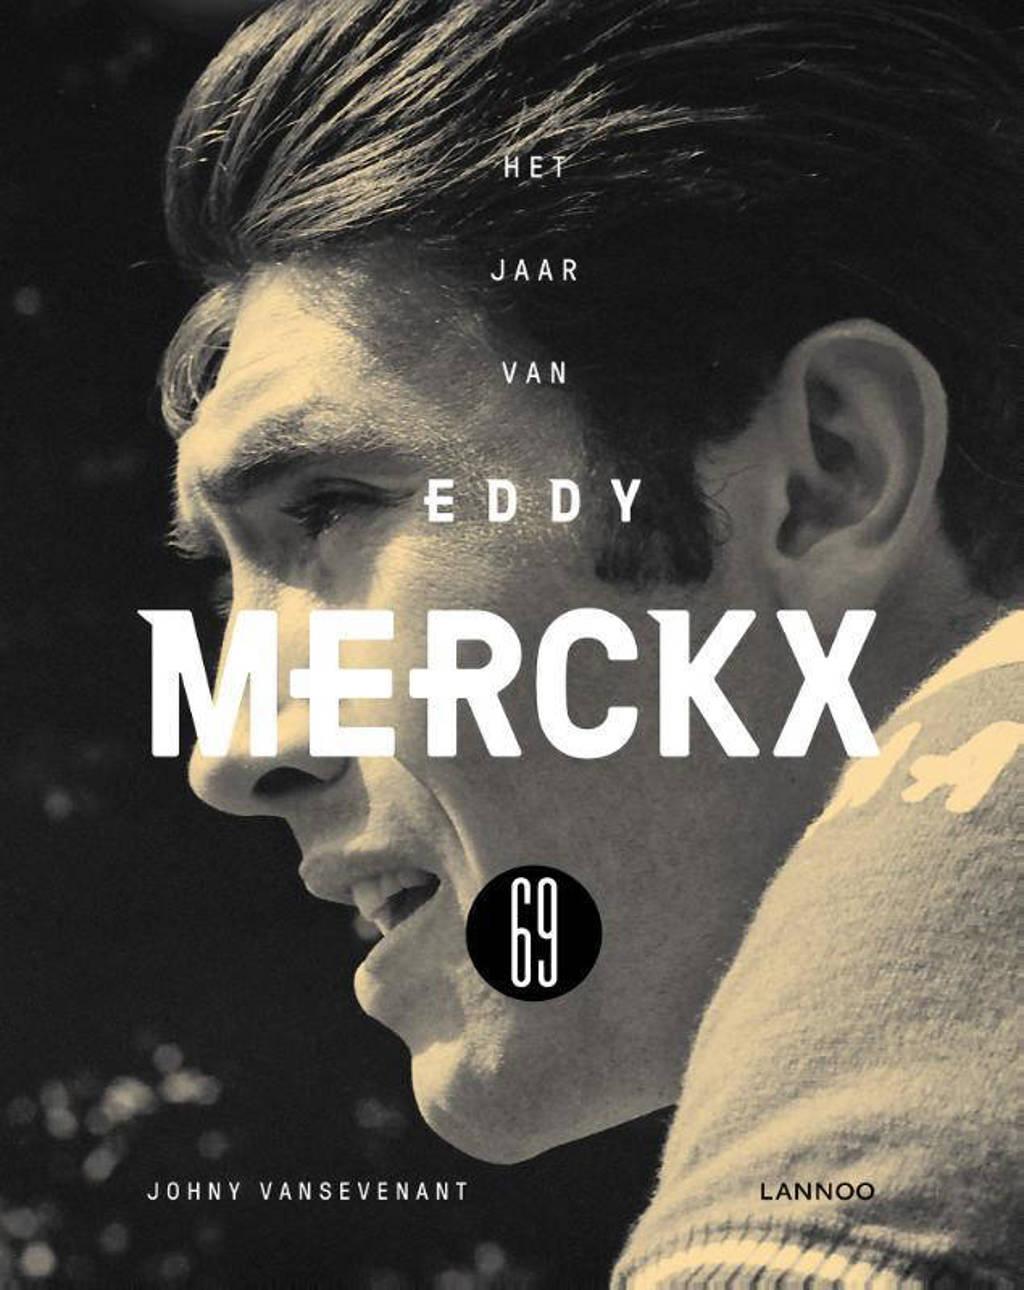 Het jaar van Eddy Merckx 69 - Johny Vansevenant